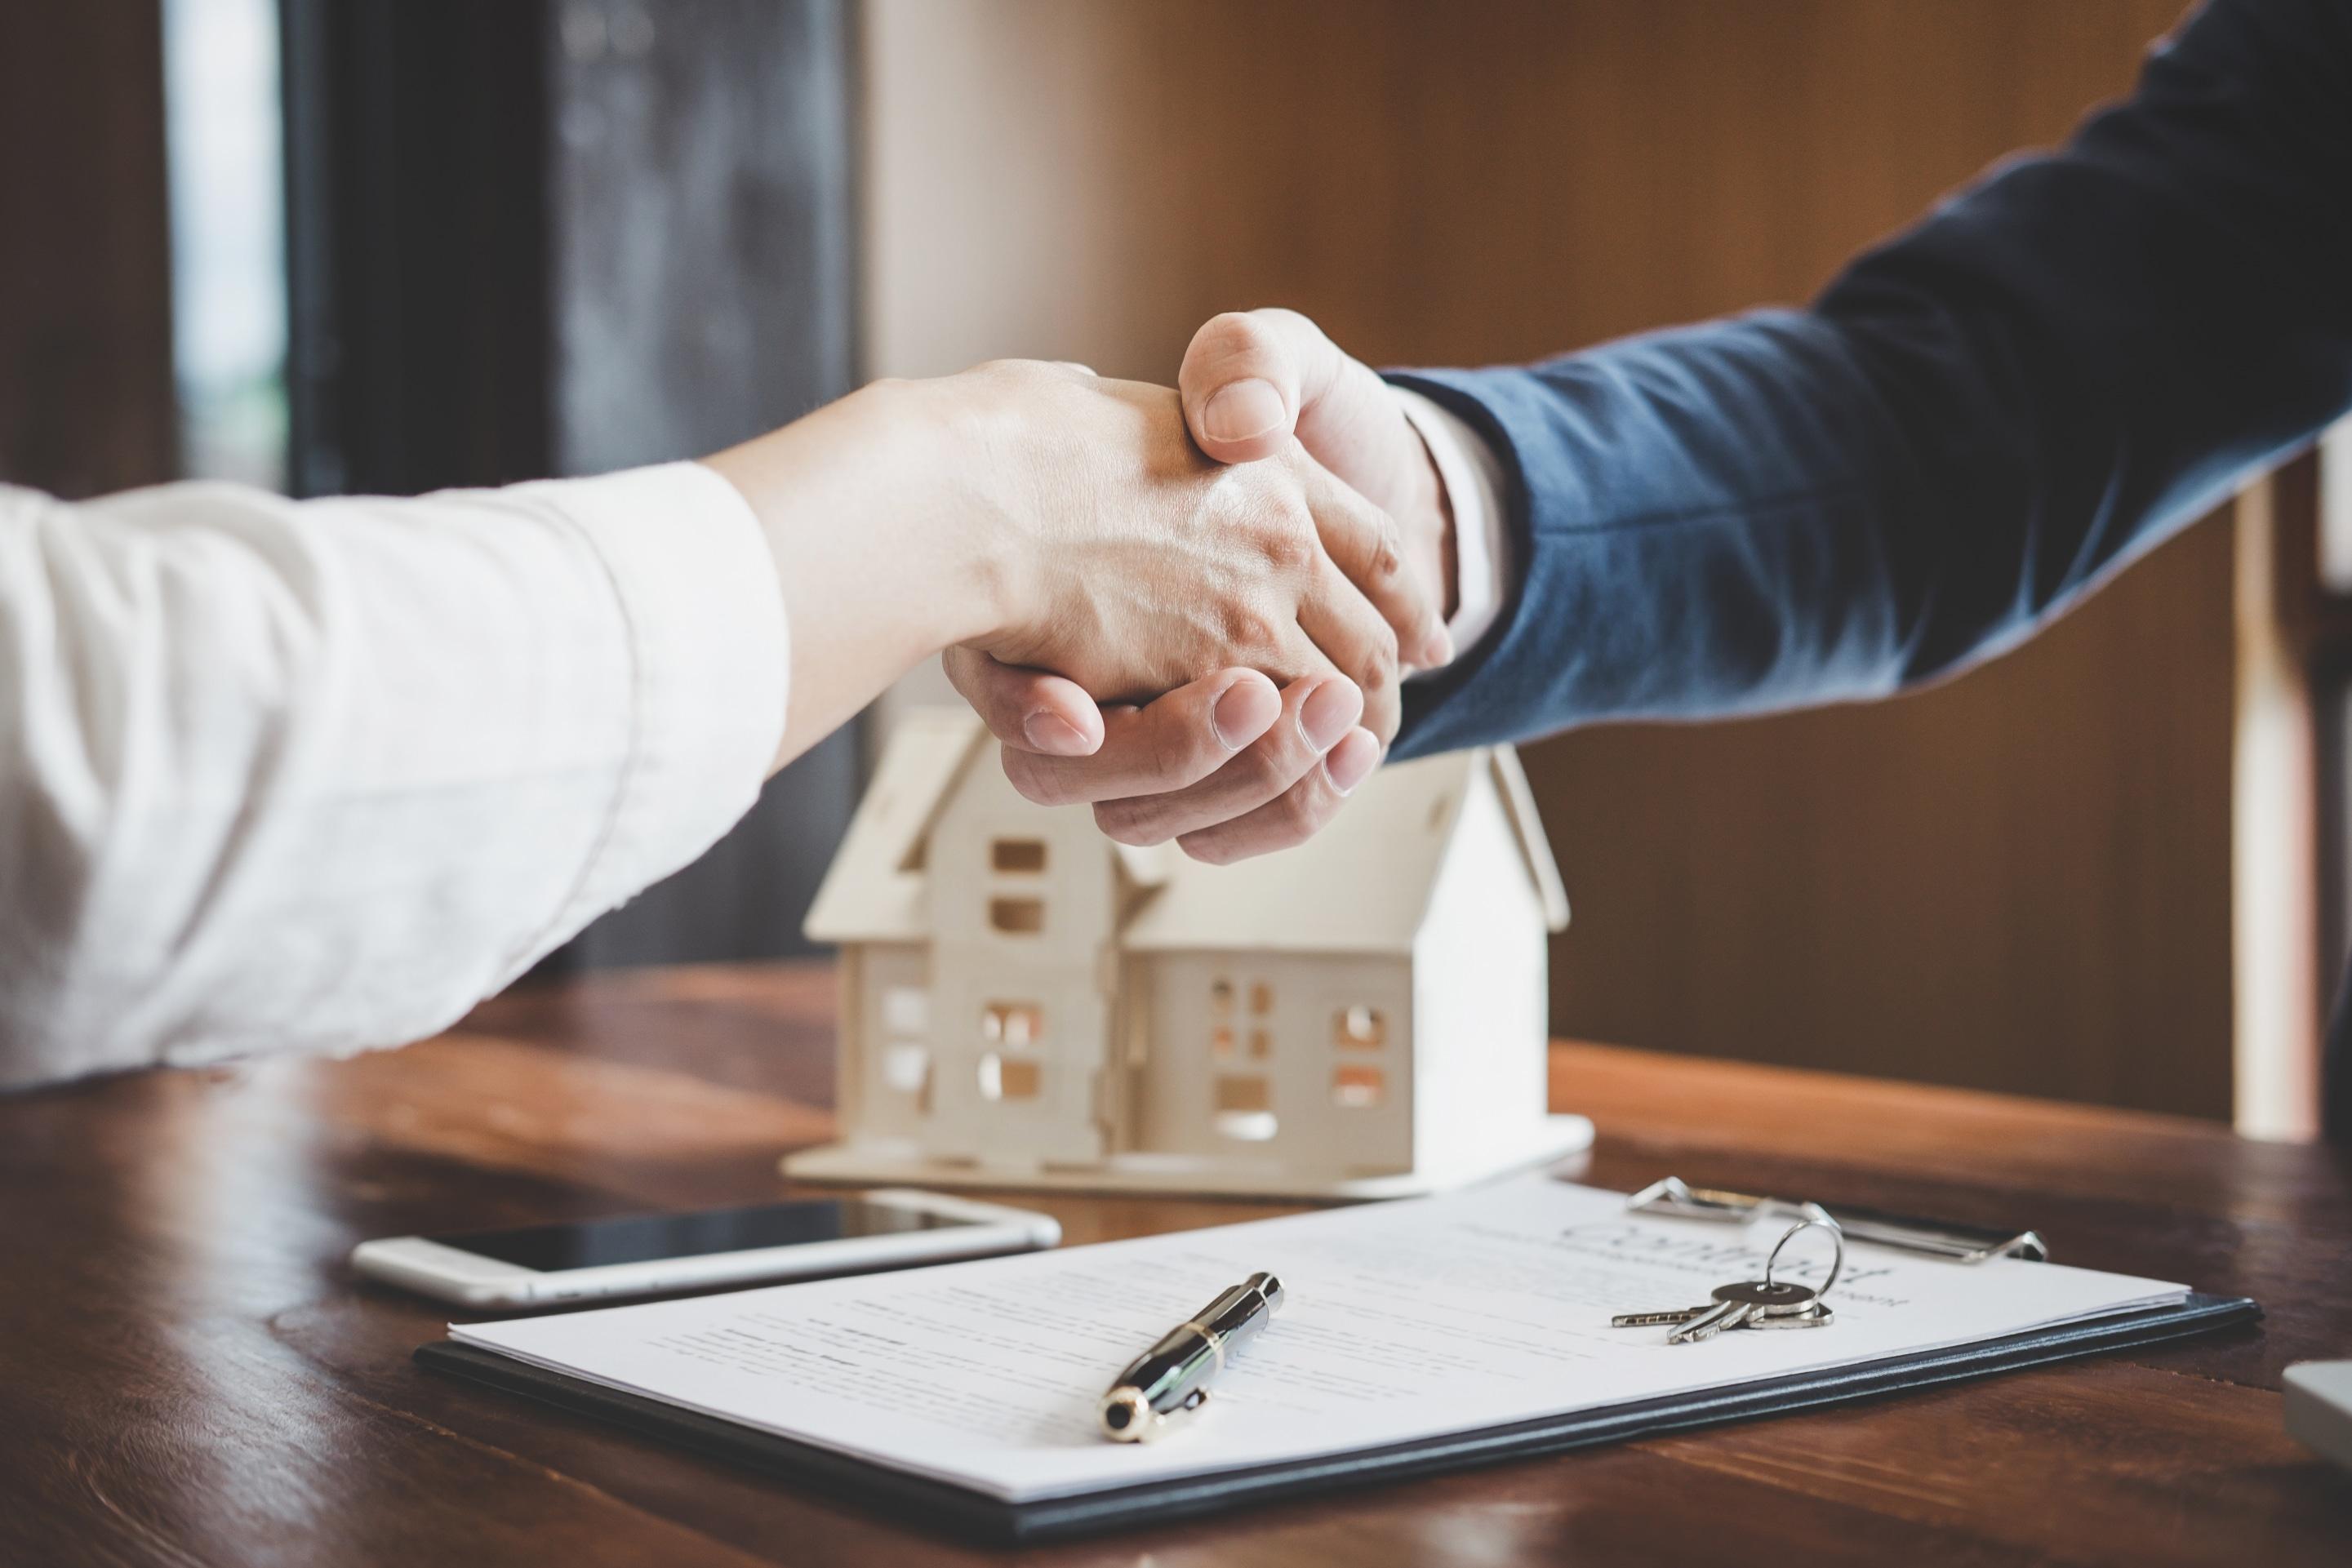 réussir à renégocier son prêt immobilier